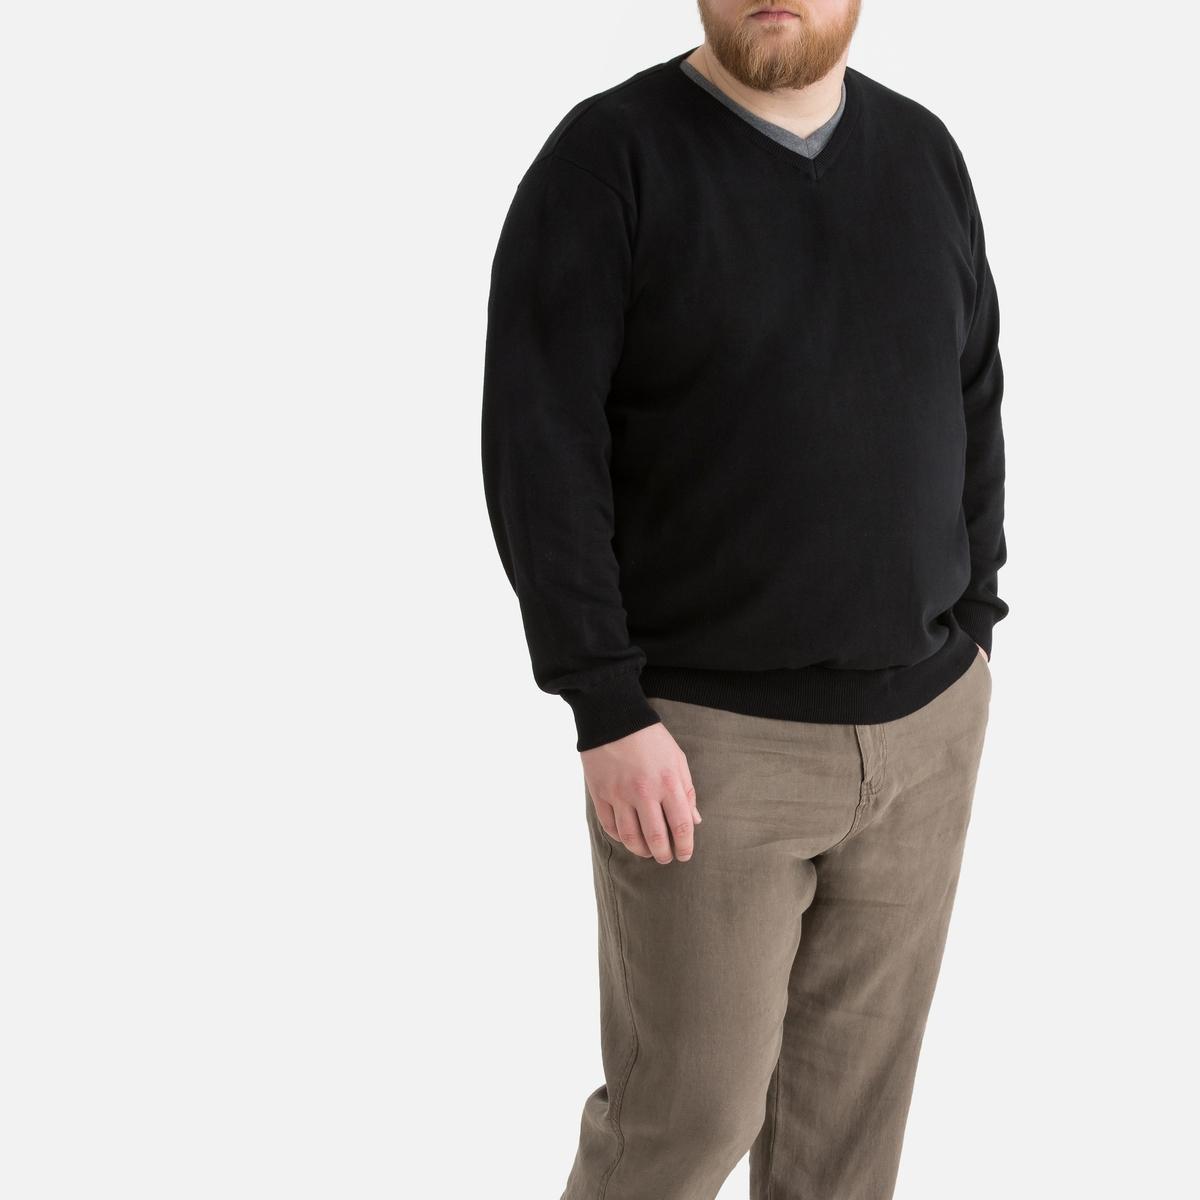 Пуловер La Redoute Большого размера с V-образным вырезом из тонкого трикотажа 62/64 черный